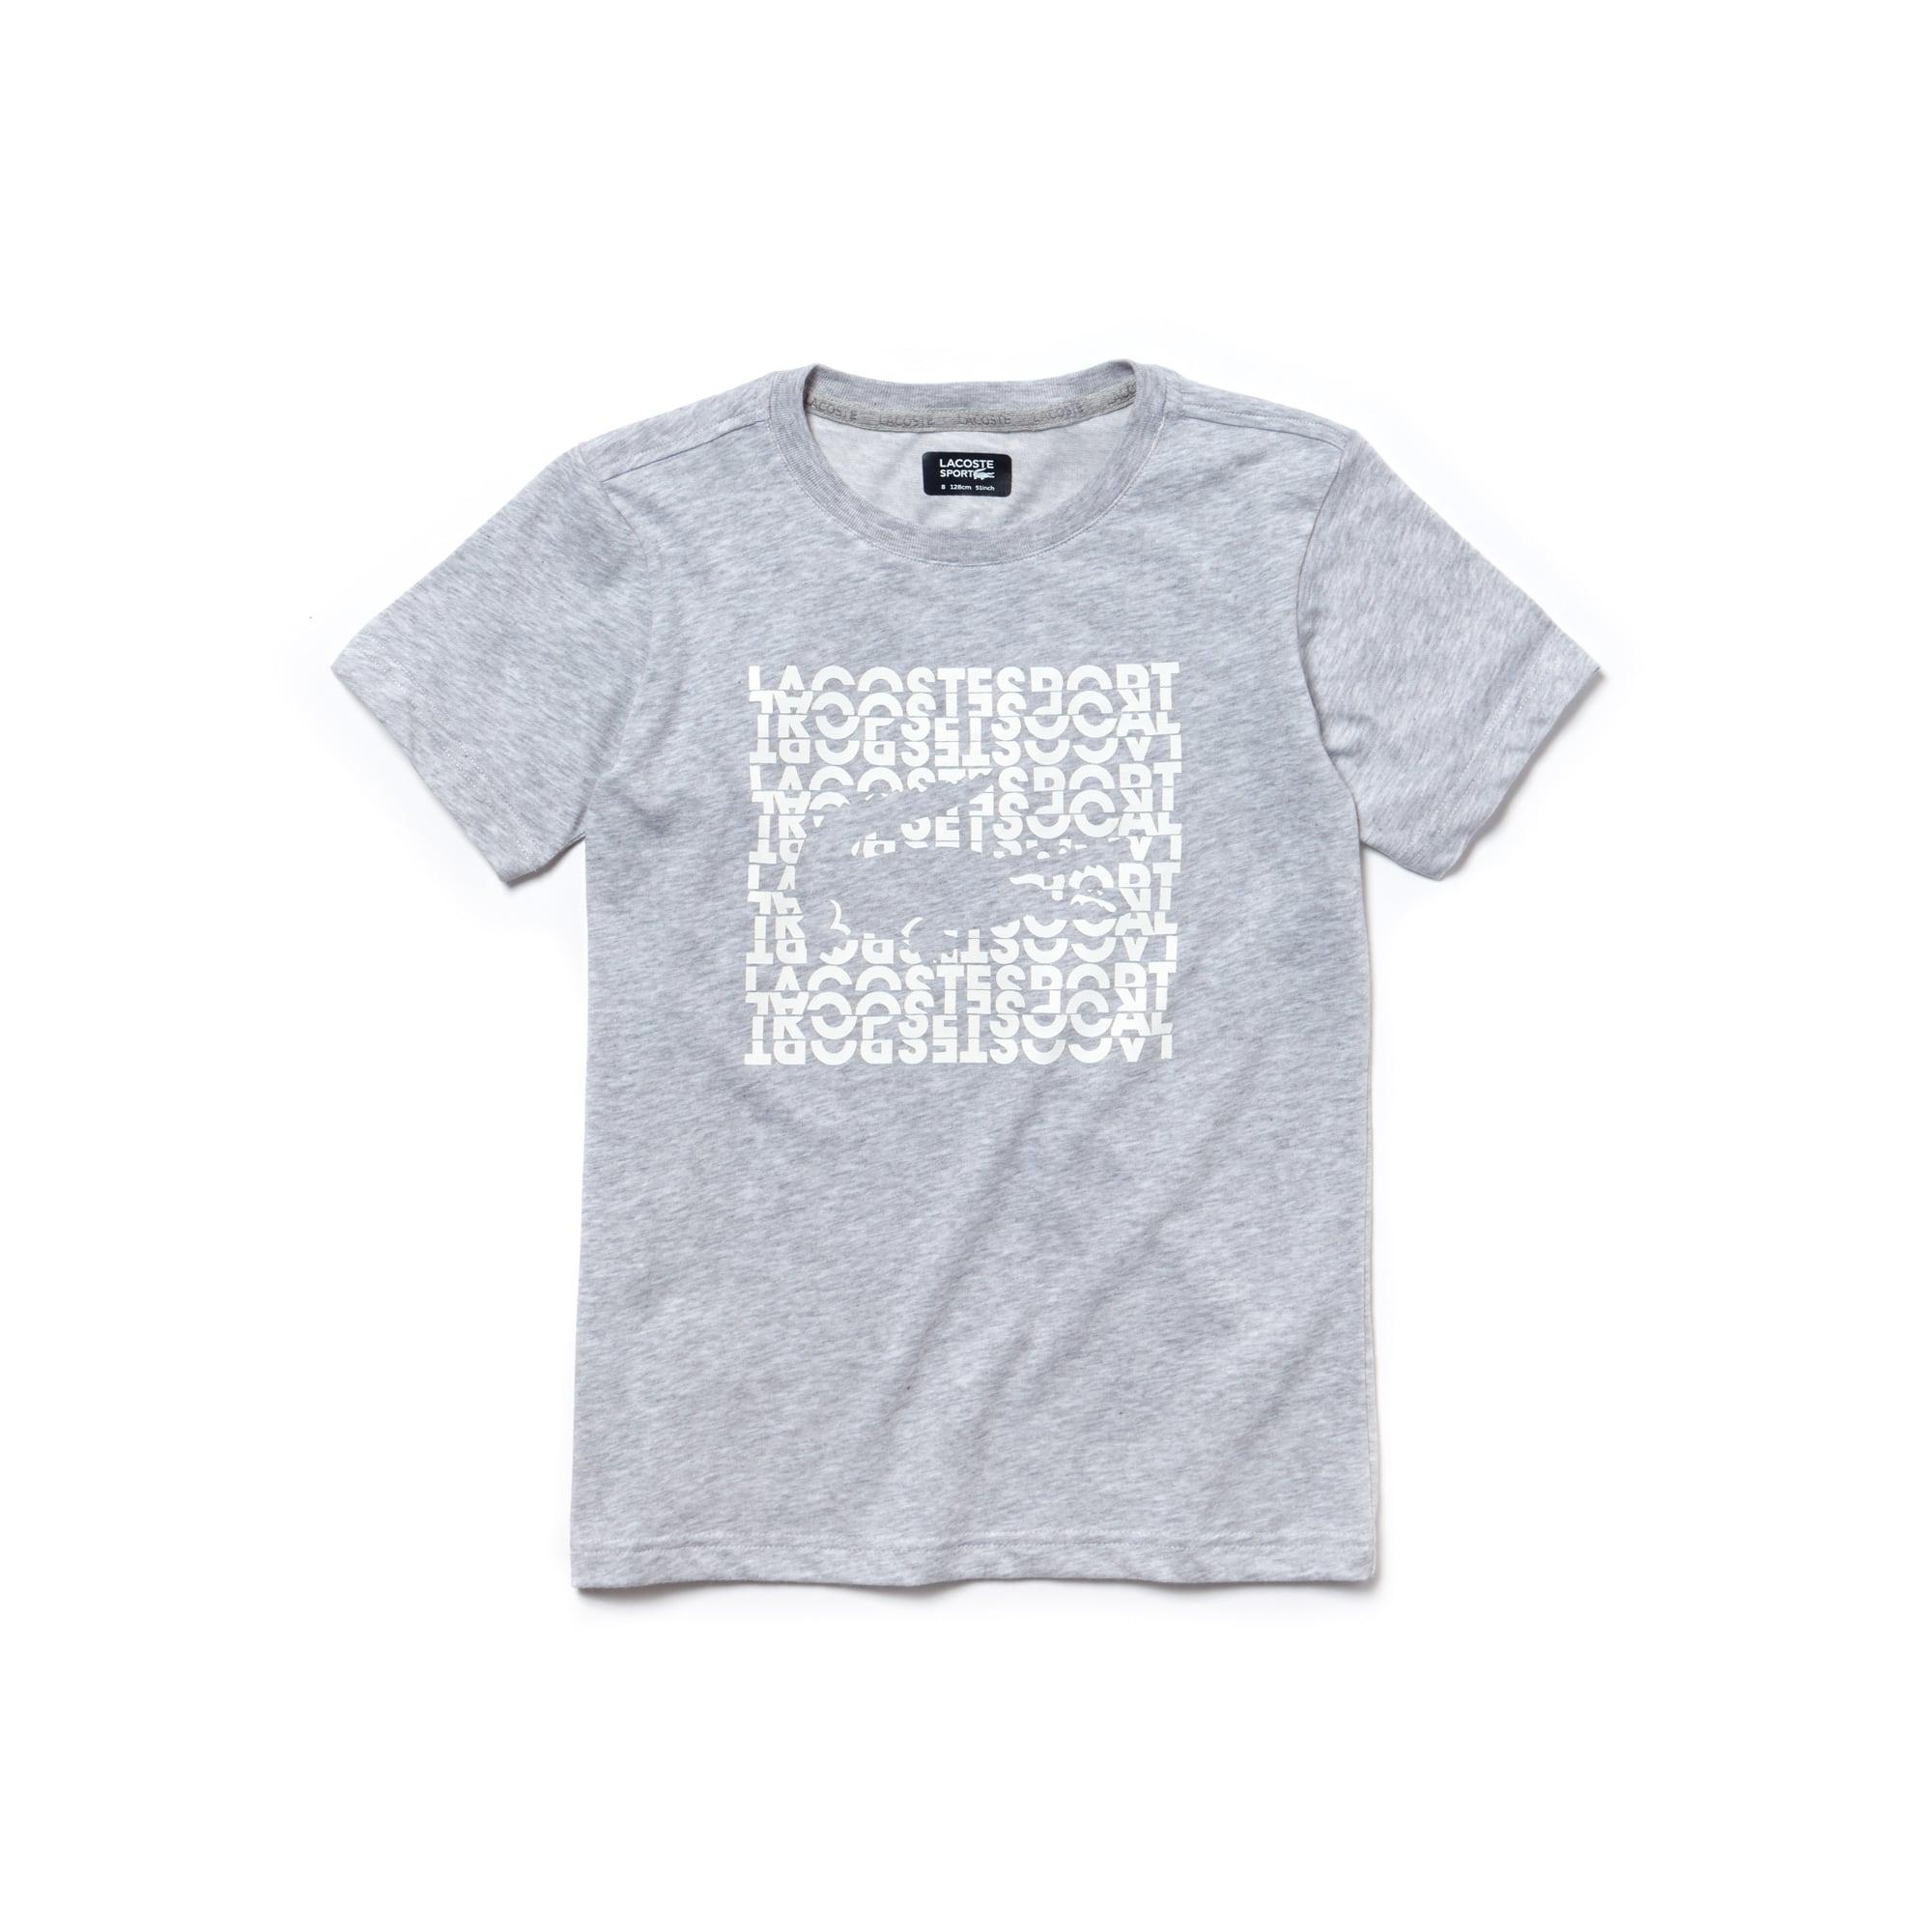 Lacoste SPORT Tennis-shirt jongens technische jersey met letters